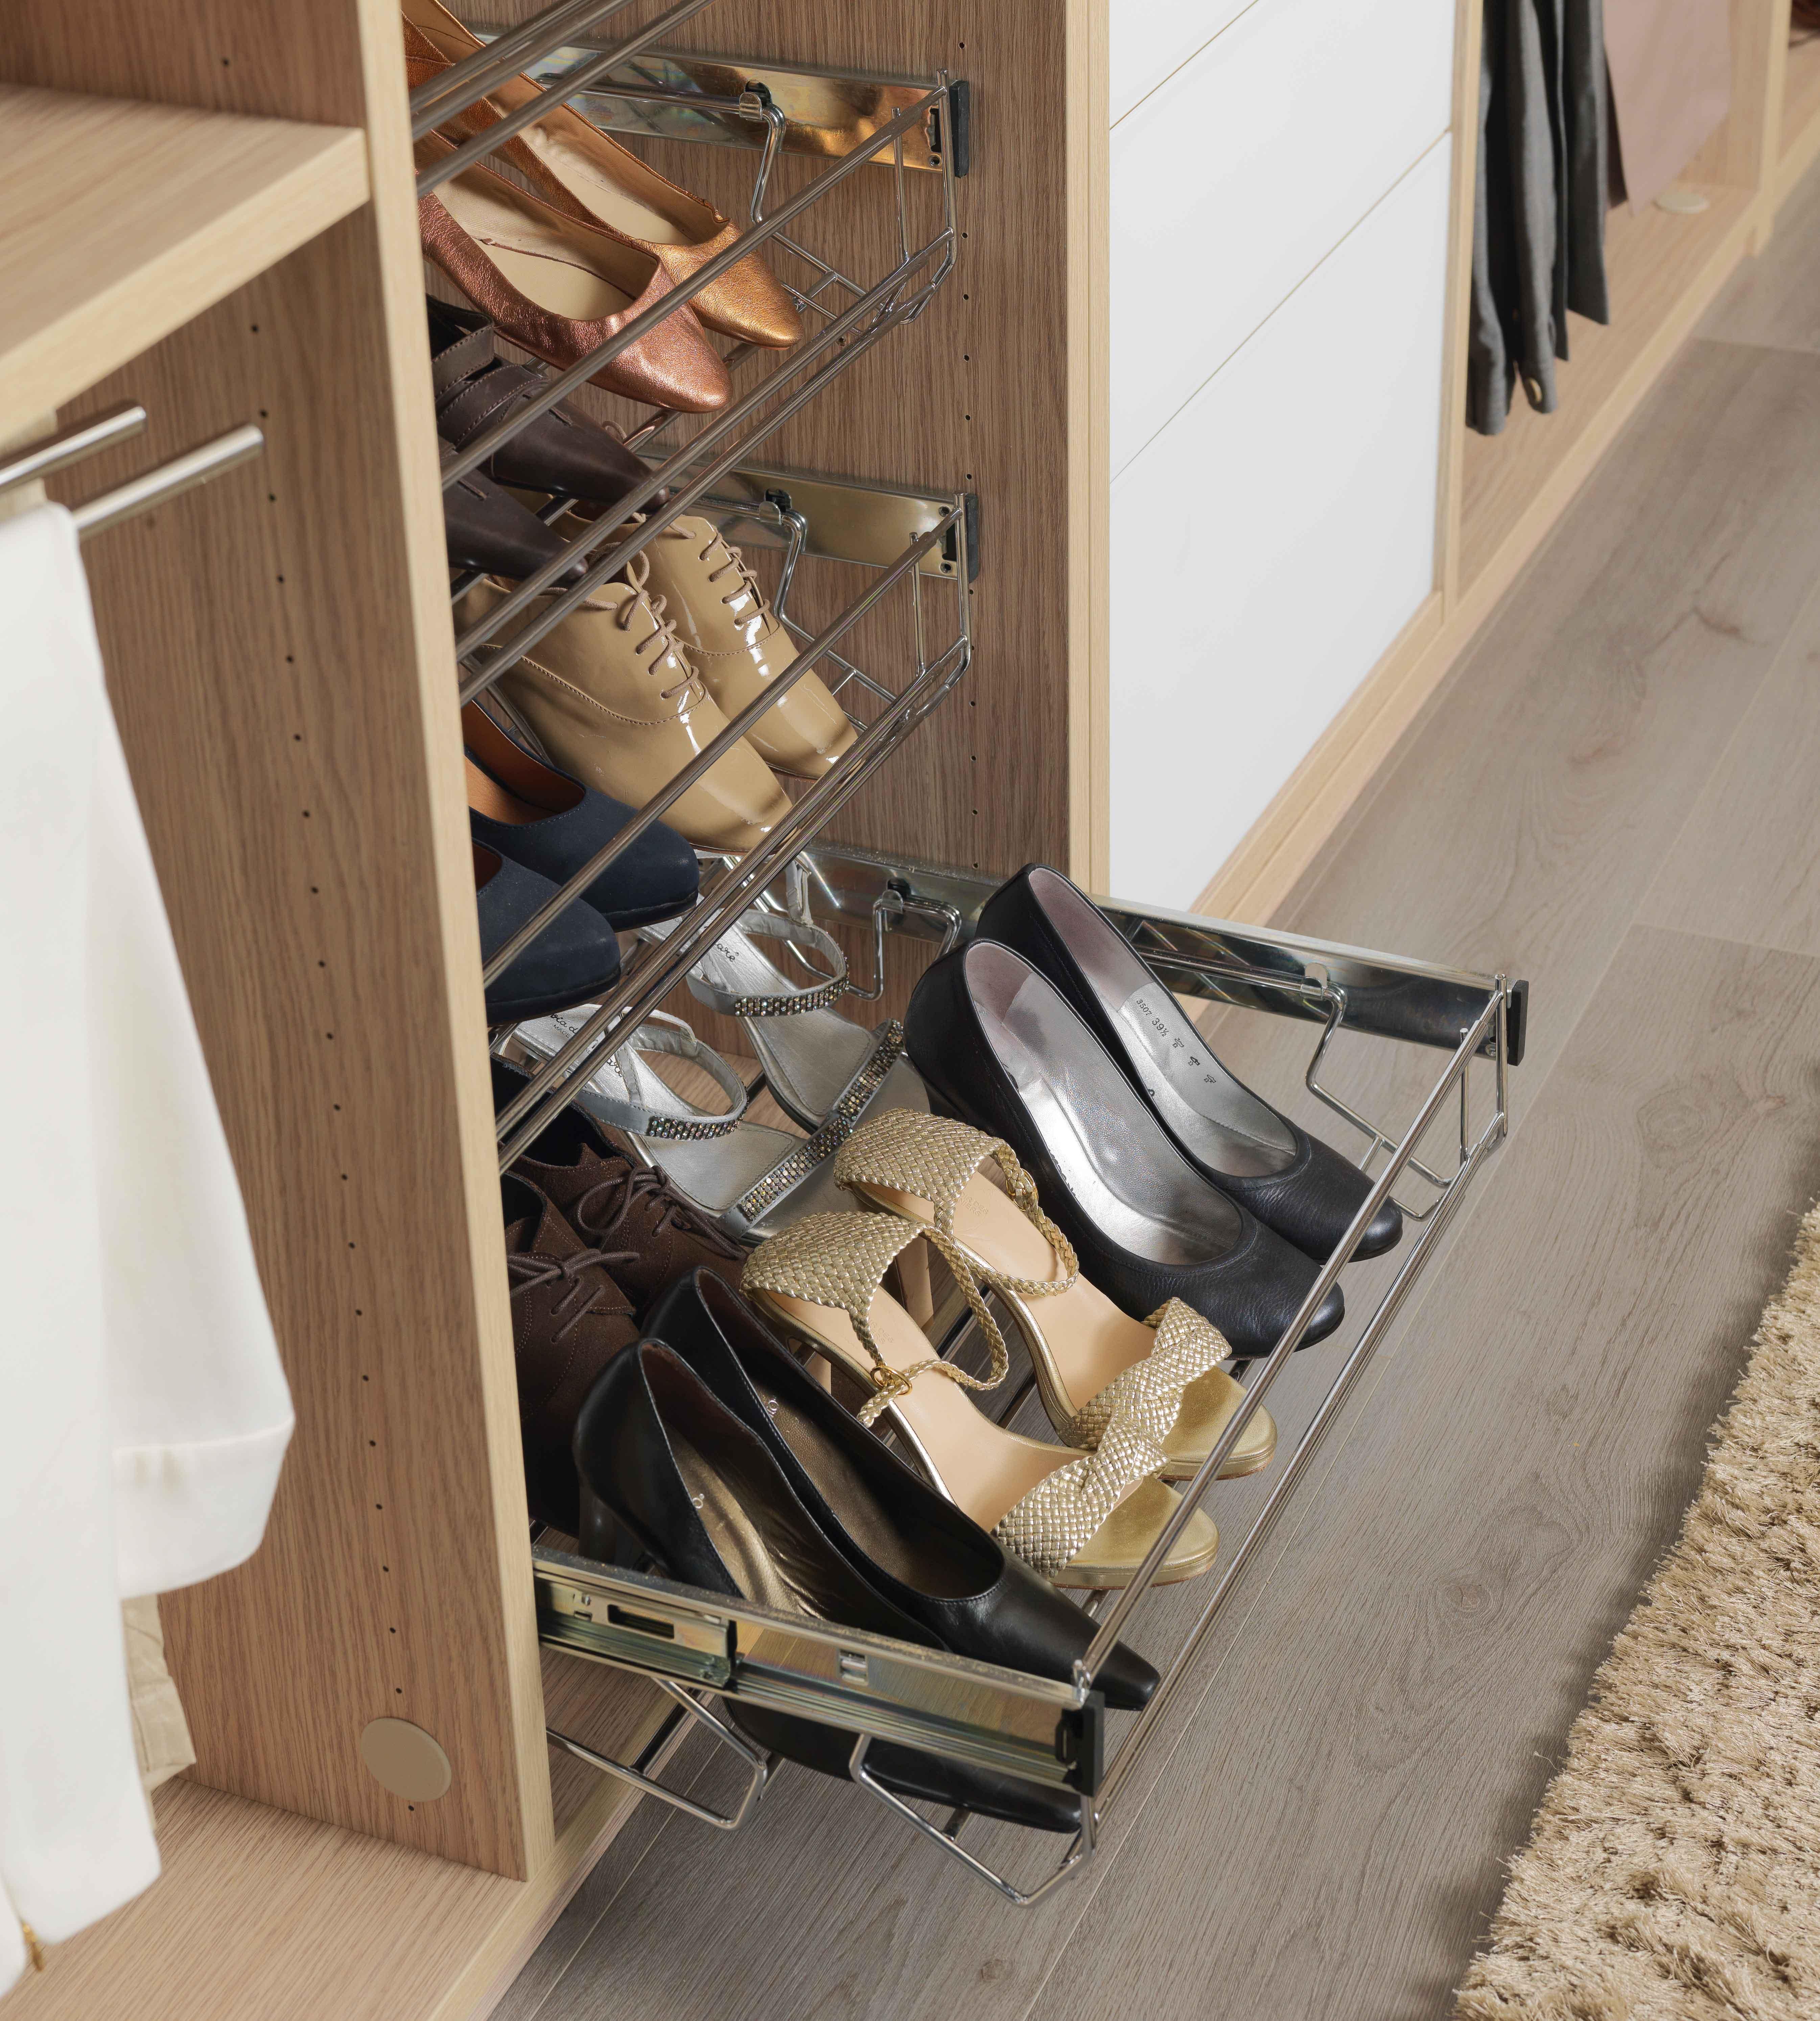 Meuble Chaussure Pour Placard dressings & armoires sur mesure | meubles celio